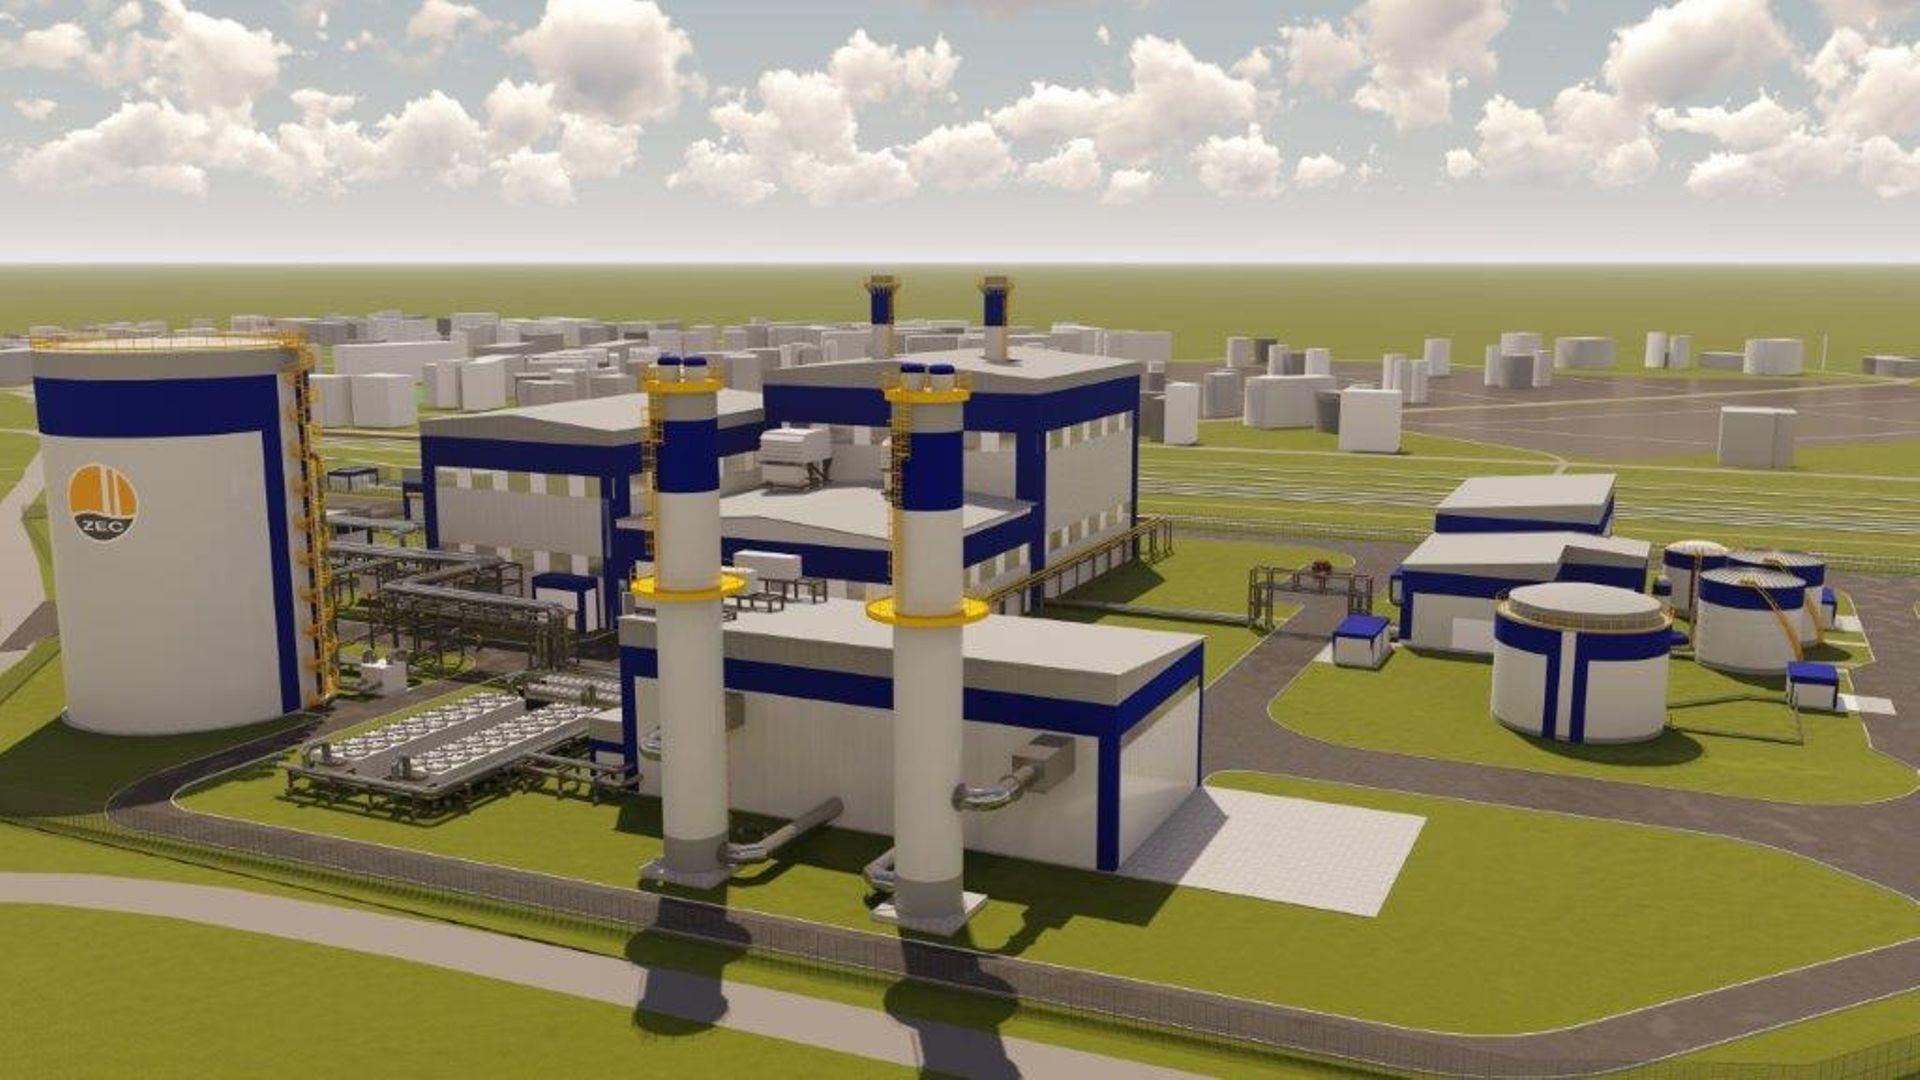 [Aglomeracja wrocławska] KOGENERACJA i Fortum podpisały umowę przyłączeniową dla planowanej nowej elektrociepłowni w Siechnicach